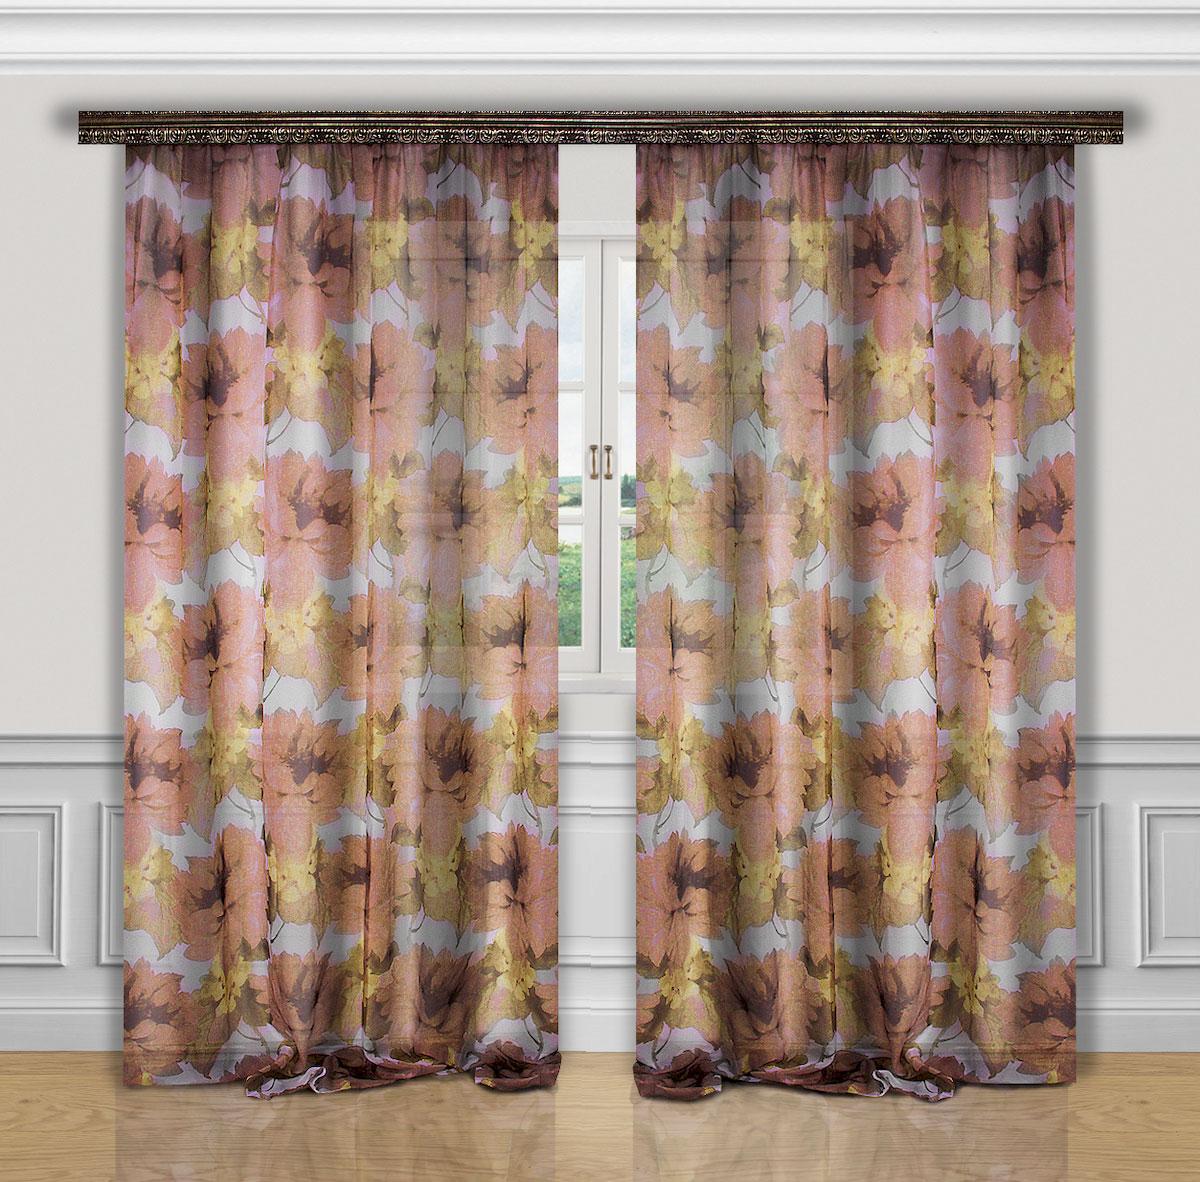 Комплект штор Zlata Korunka, на ленте, цвет: коричневый, бежевый, высота 270 см. 5559855598Роскошный комплект штор Zlata Korunka, выполненный из полиэстера, великолепно украсит любое окно. Комплект состоит из двух штор. Вуаль с печатным цветочным рисунком привлечет к себе внимание и органично впишется в интерьер помещения. Этот комплект будет долгое время радовать вас и вашу семью!Комплект крепится на карниз при помощи ленты, которая поможет красиво и равномерно задрапировать верх.В комплект входит: Штора: 2 шт. Размер (Ш х В): 200 см х 270 см.